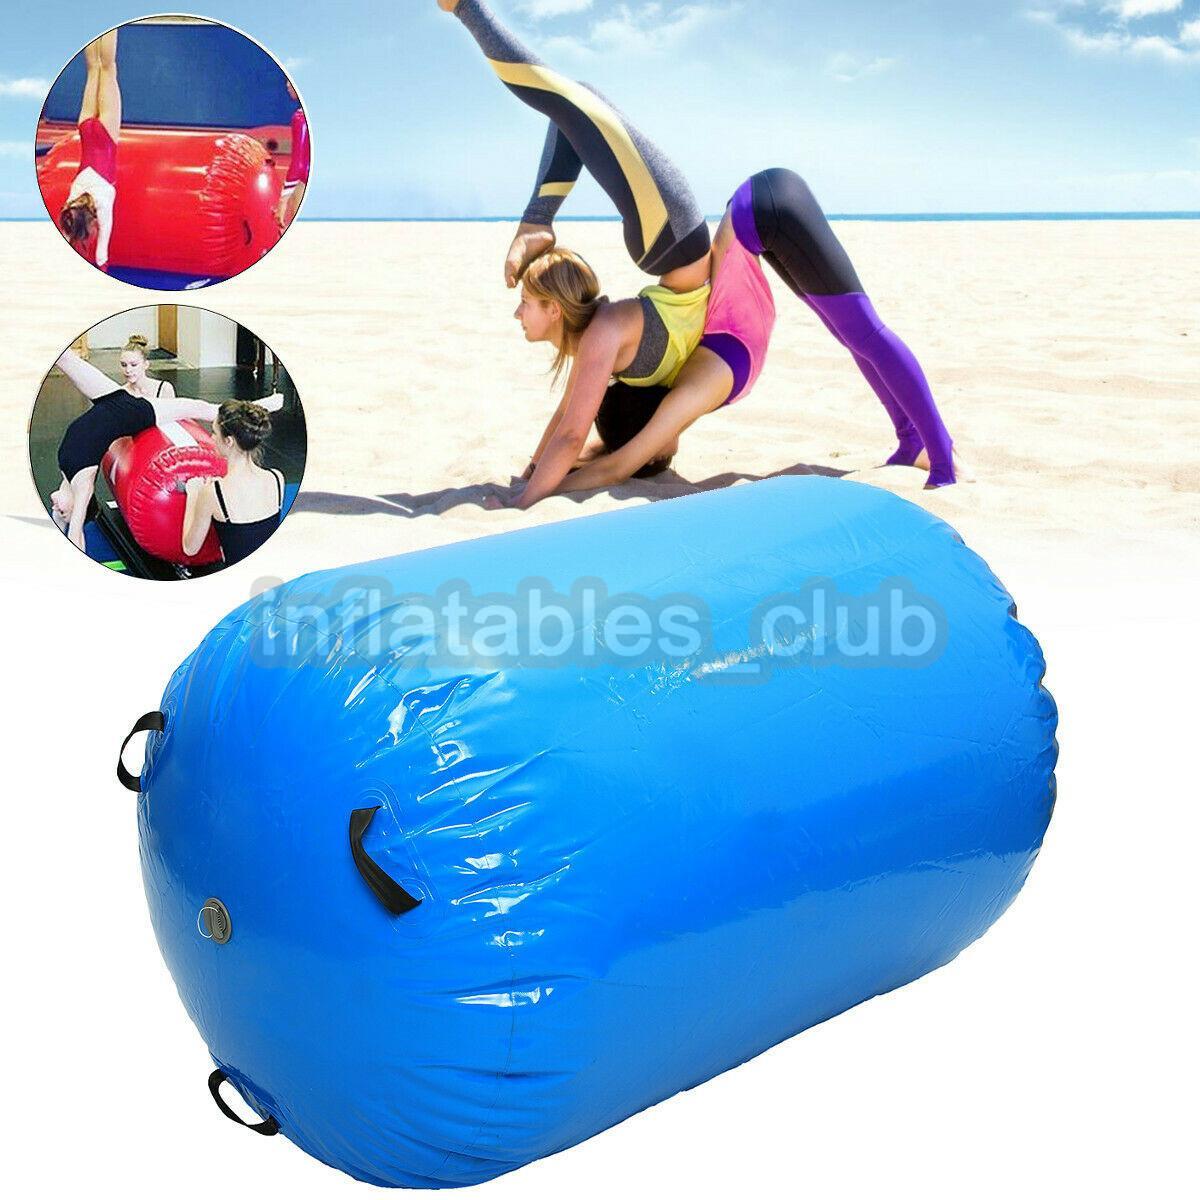 الشحن مجانا نفخ الهواء الأسطوانة للبيع 100 * 60 سنتيمتر ضياء اليوغا الرول للجمباز التدريب الملونة الهواء برميل inflatale الهواء المسار الأسطوانة